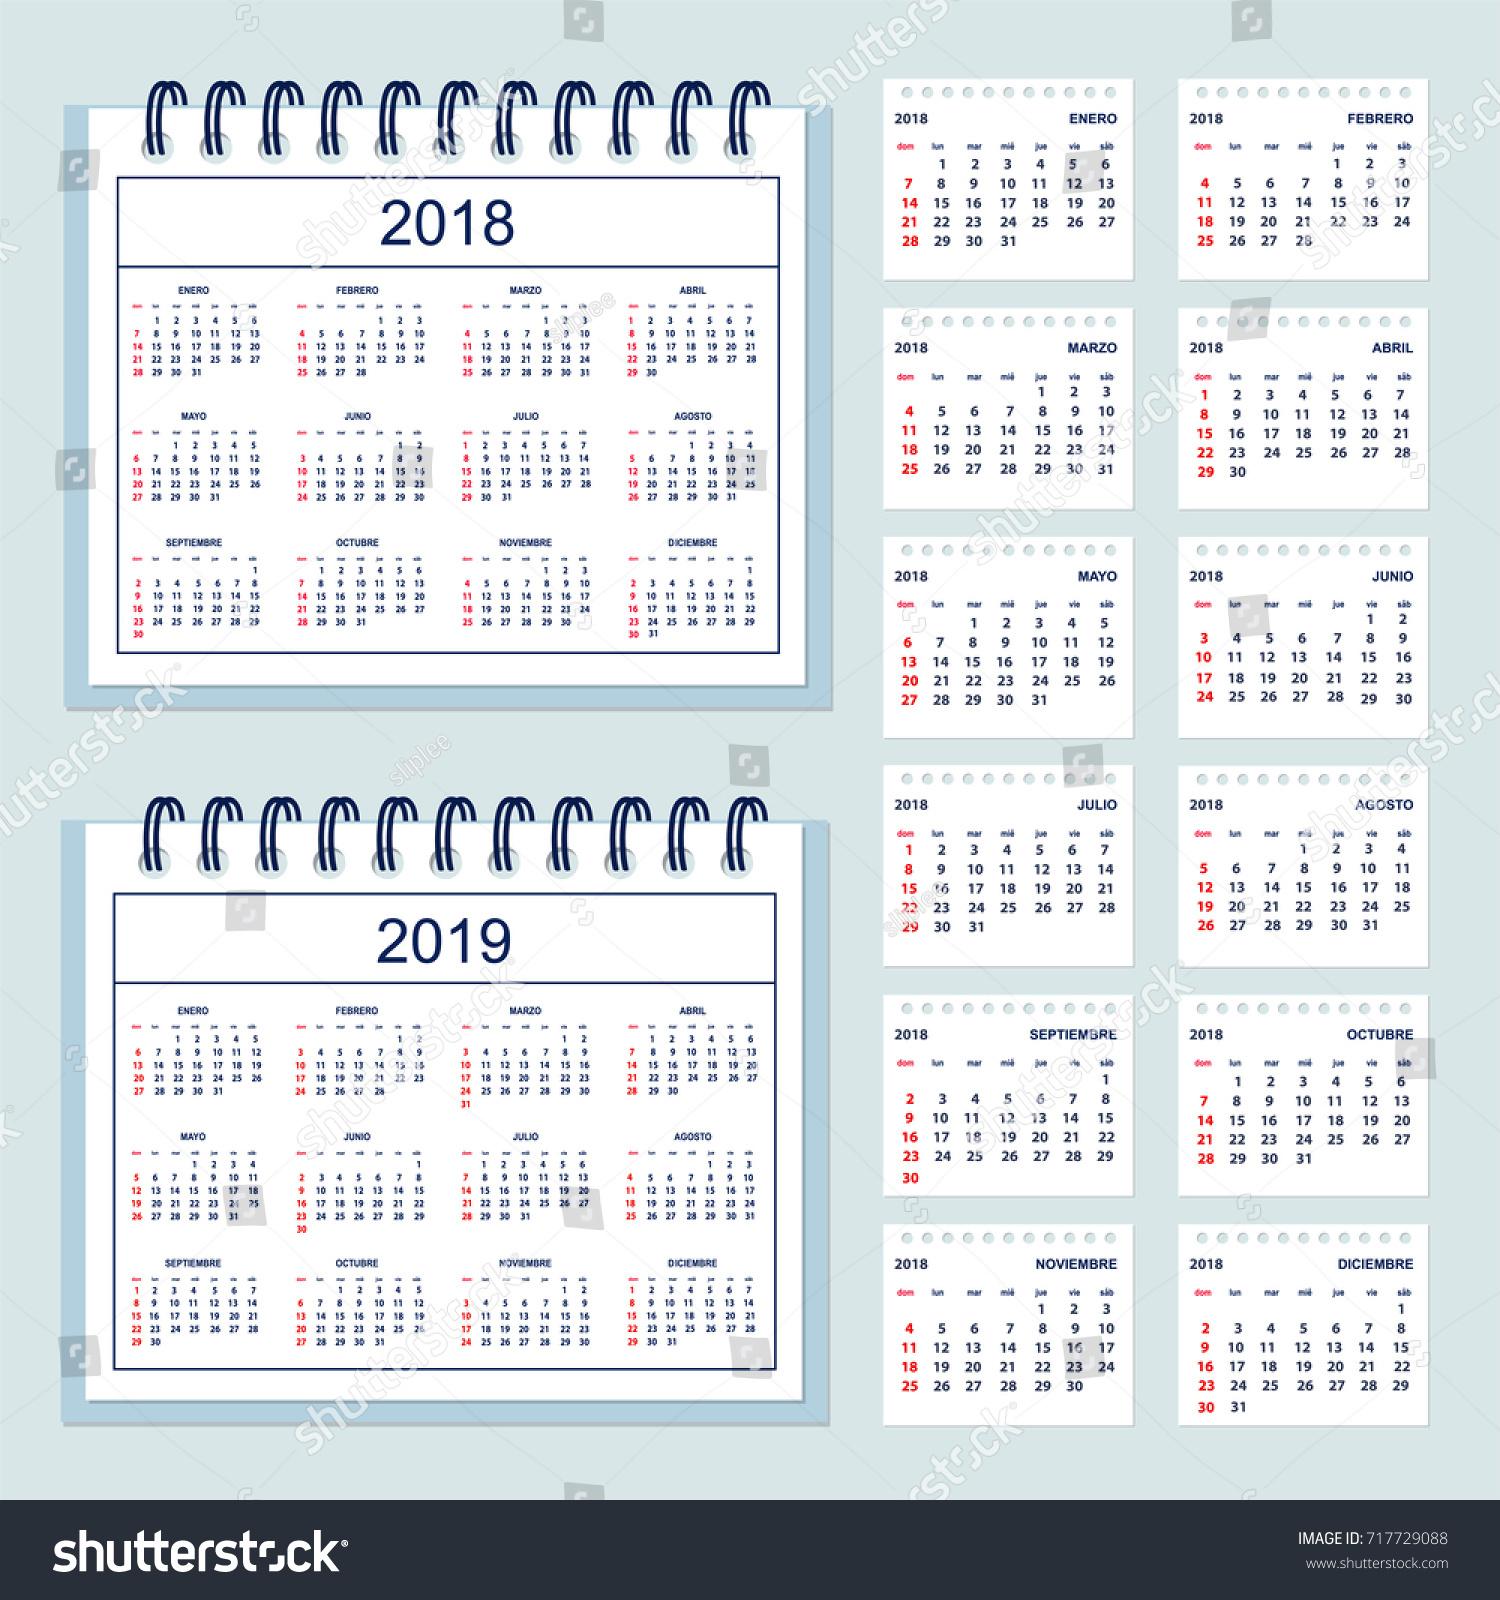 set business calendar desk year 2018 stock vector 717729088 shutterstock